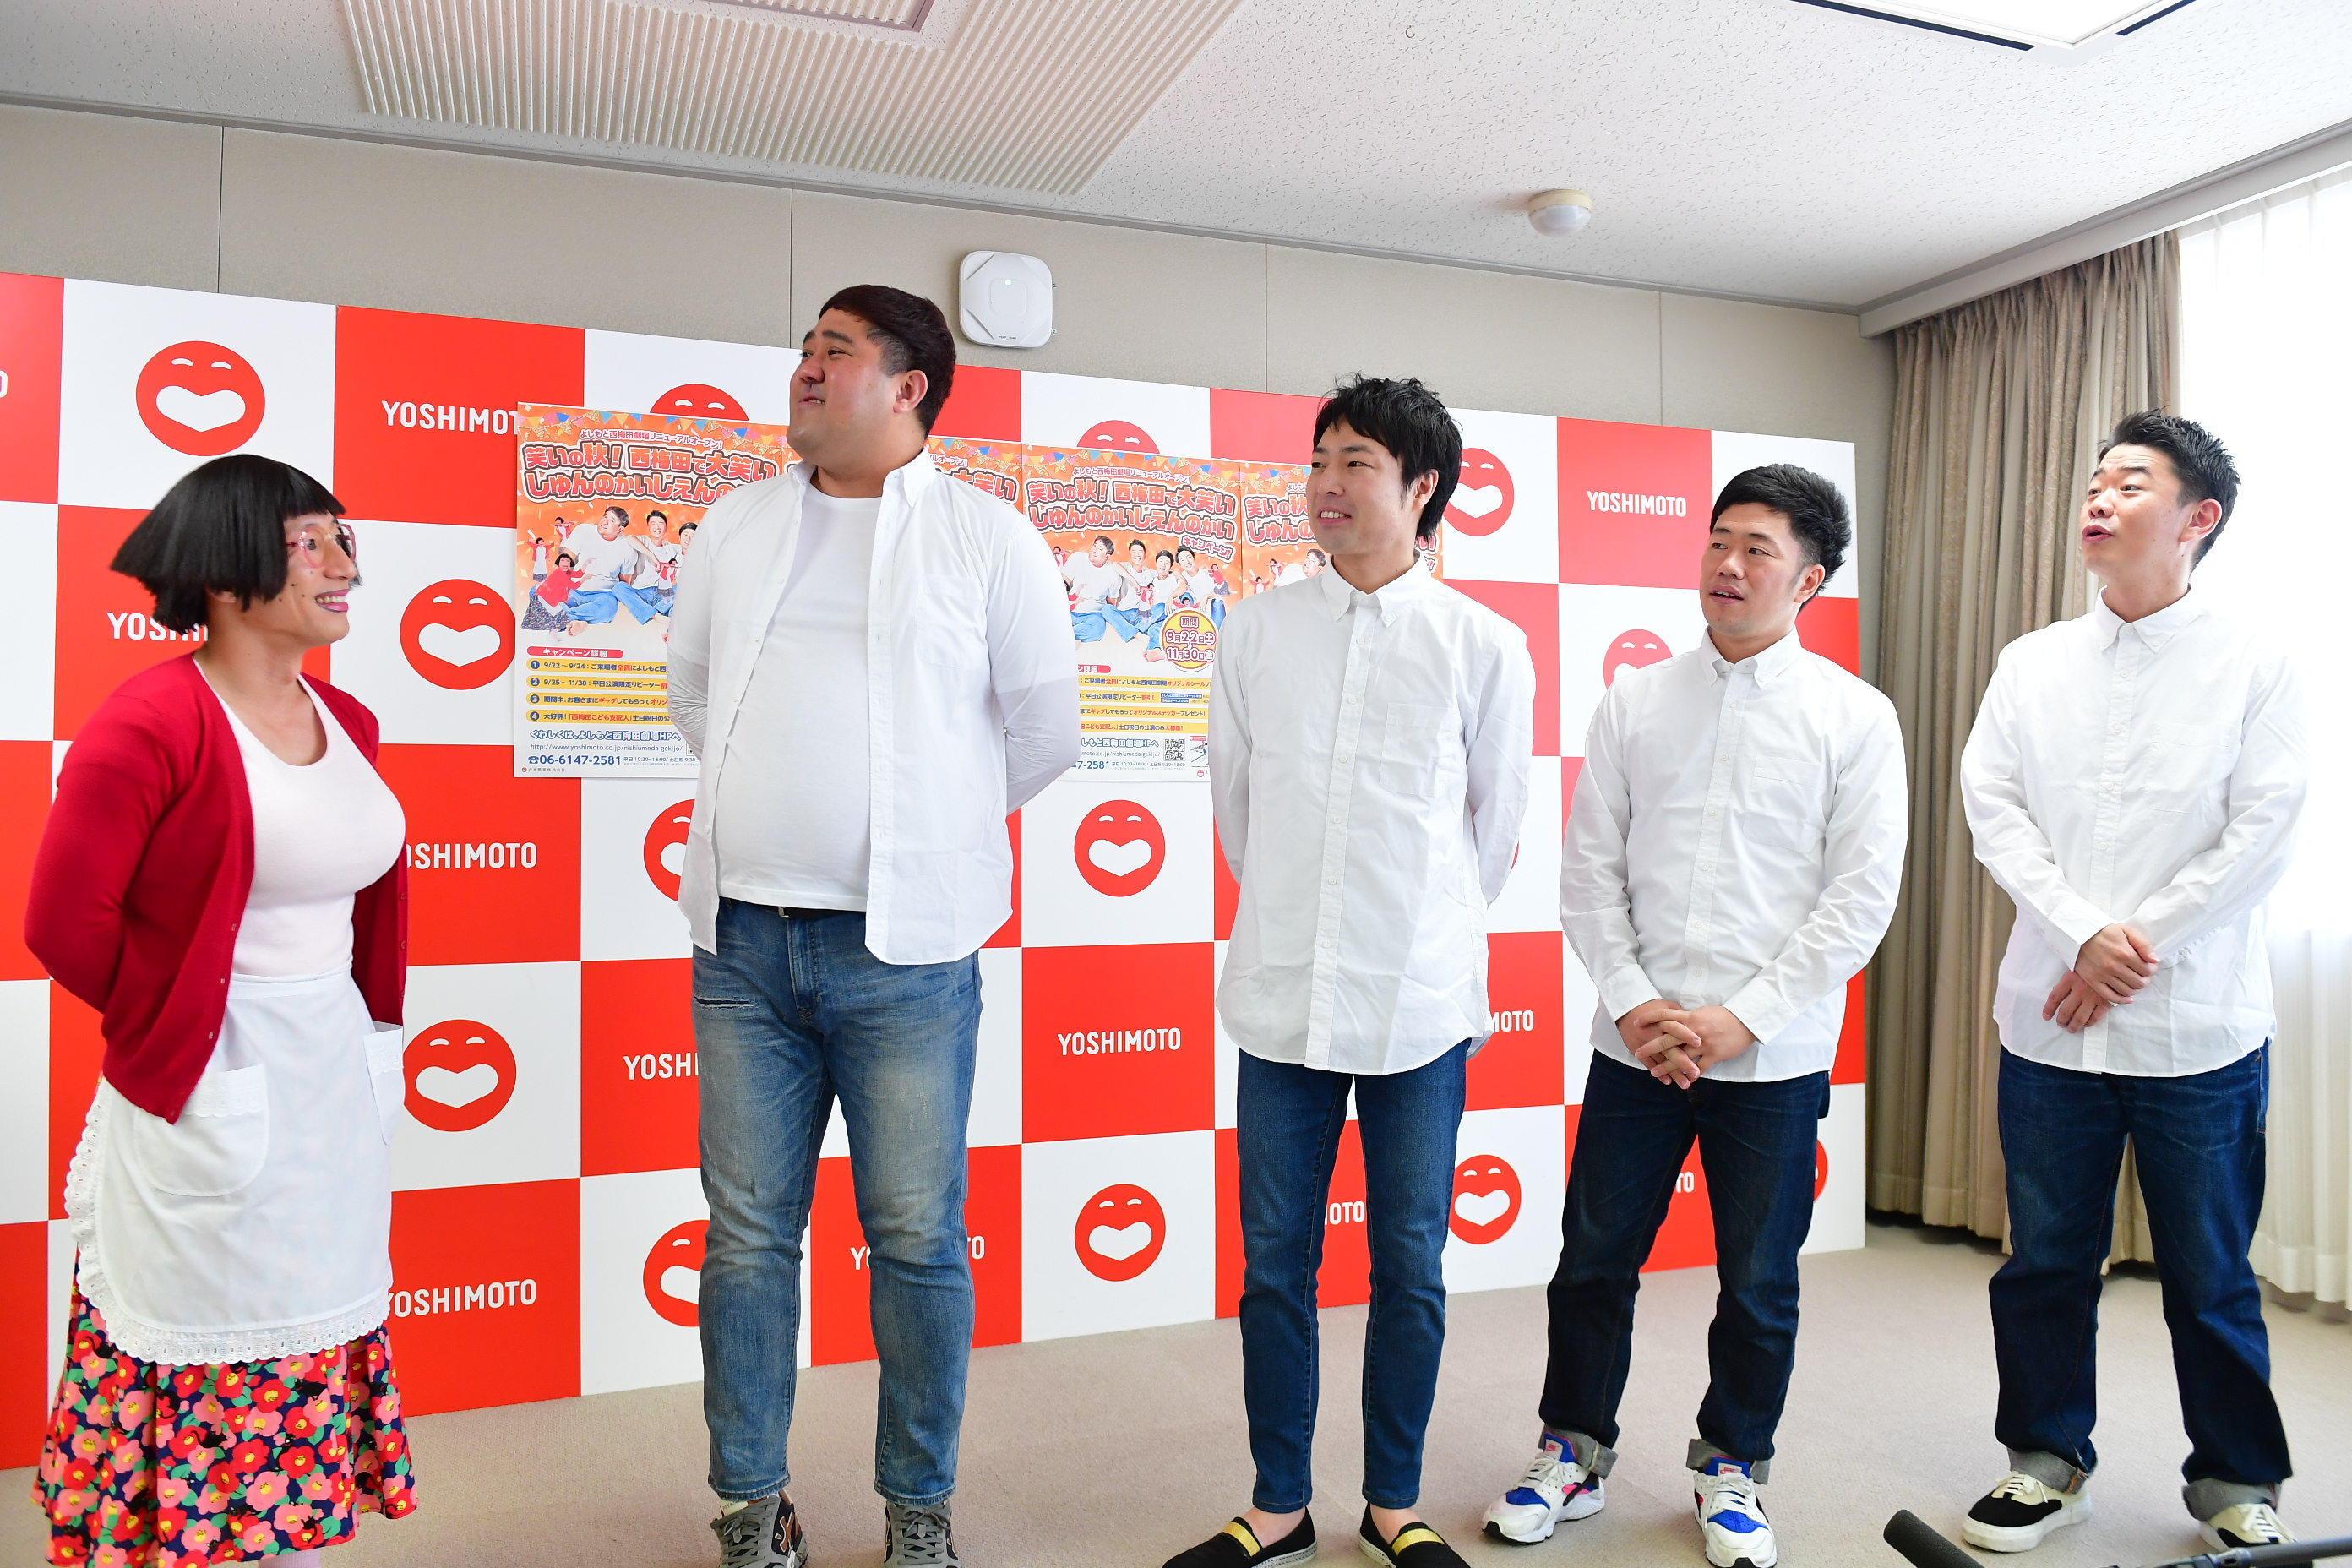 http://news.yoshimoto.co.jp/20180919161201-ffc16528022adaeed233c662e5767cb0bf517a37.jpg